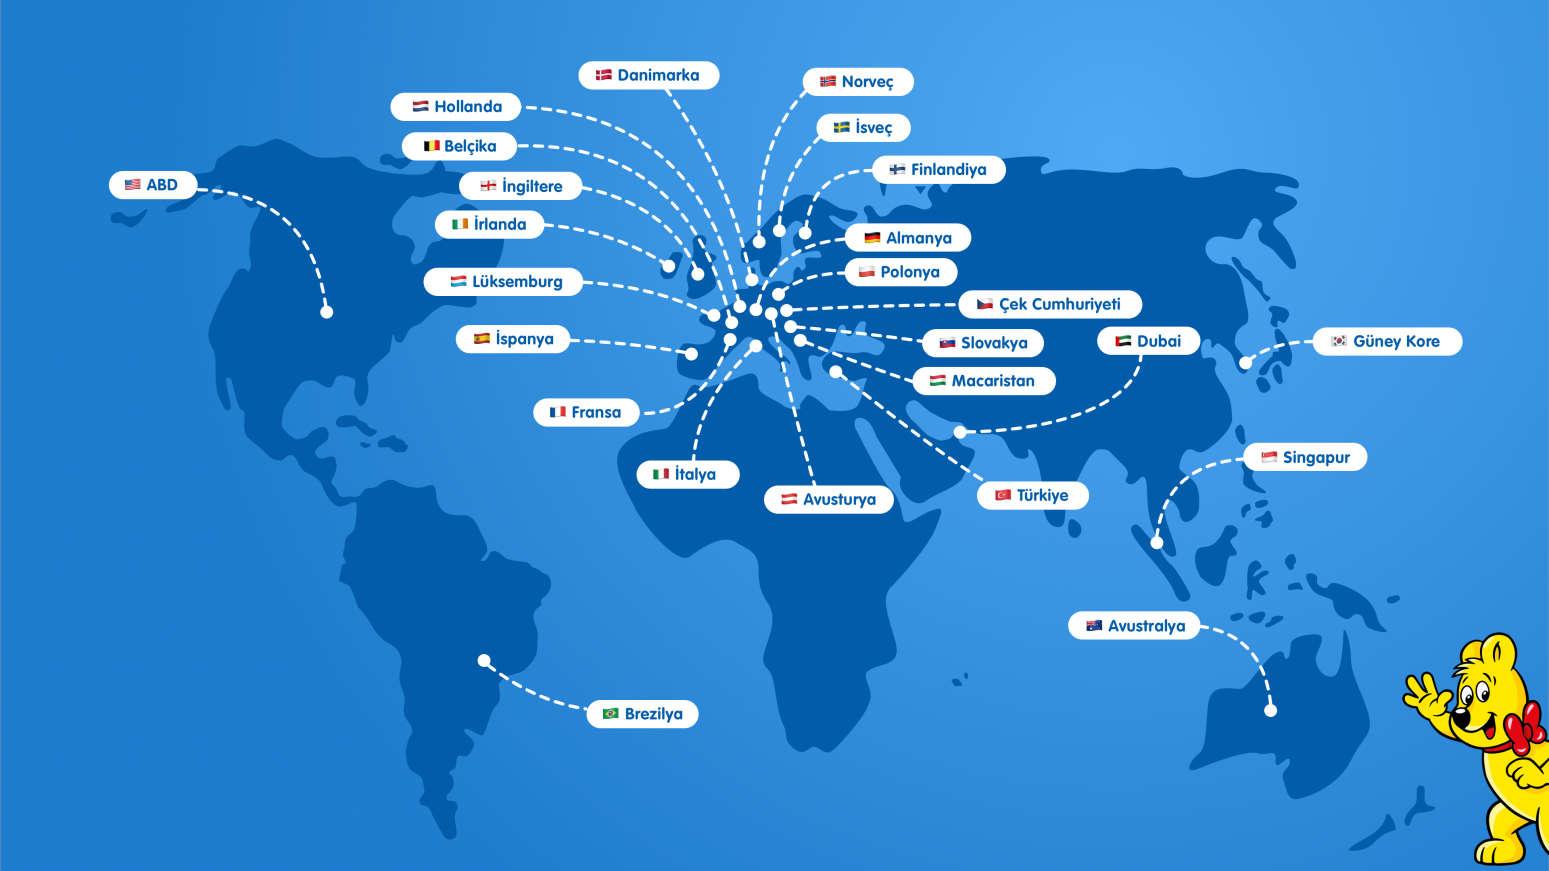 Dünyadaki tüm HARIBO şubelerini içeren resimli bir harita